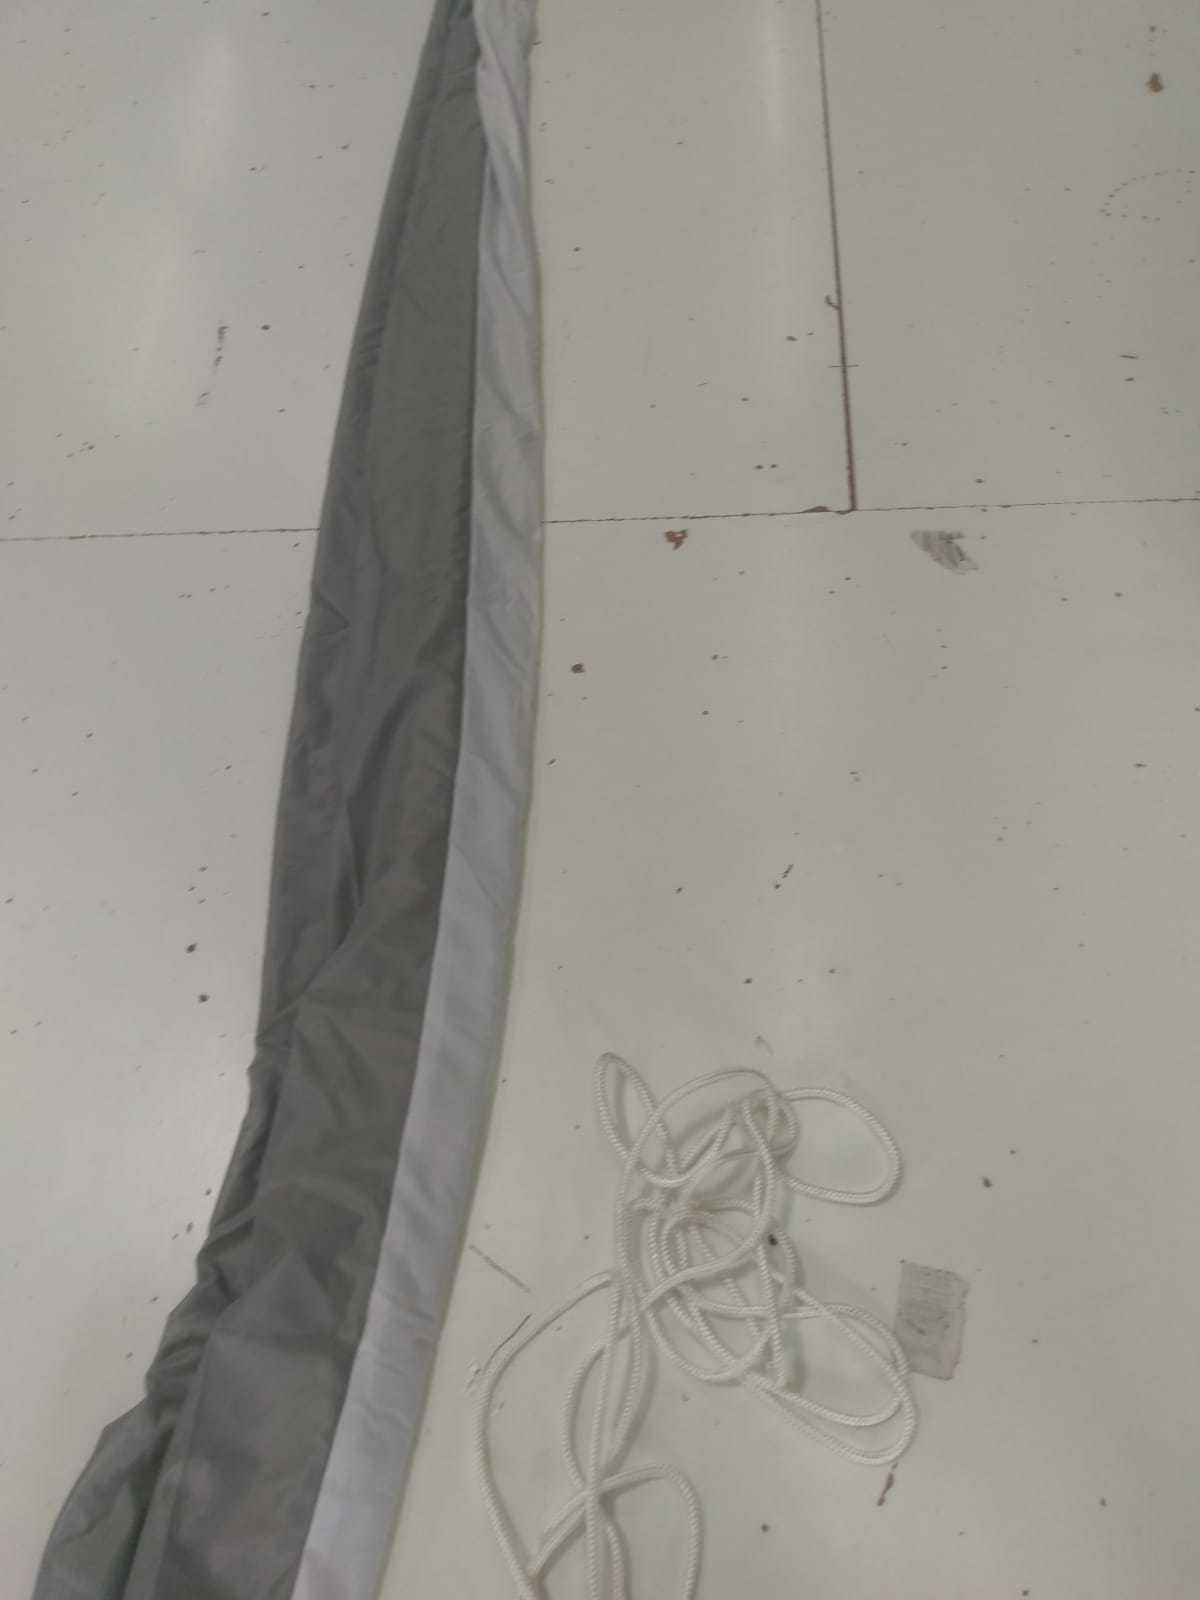 Bergeschlauch ATN Style 11.00m 11.00m Style mit Trichter 424467